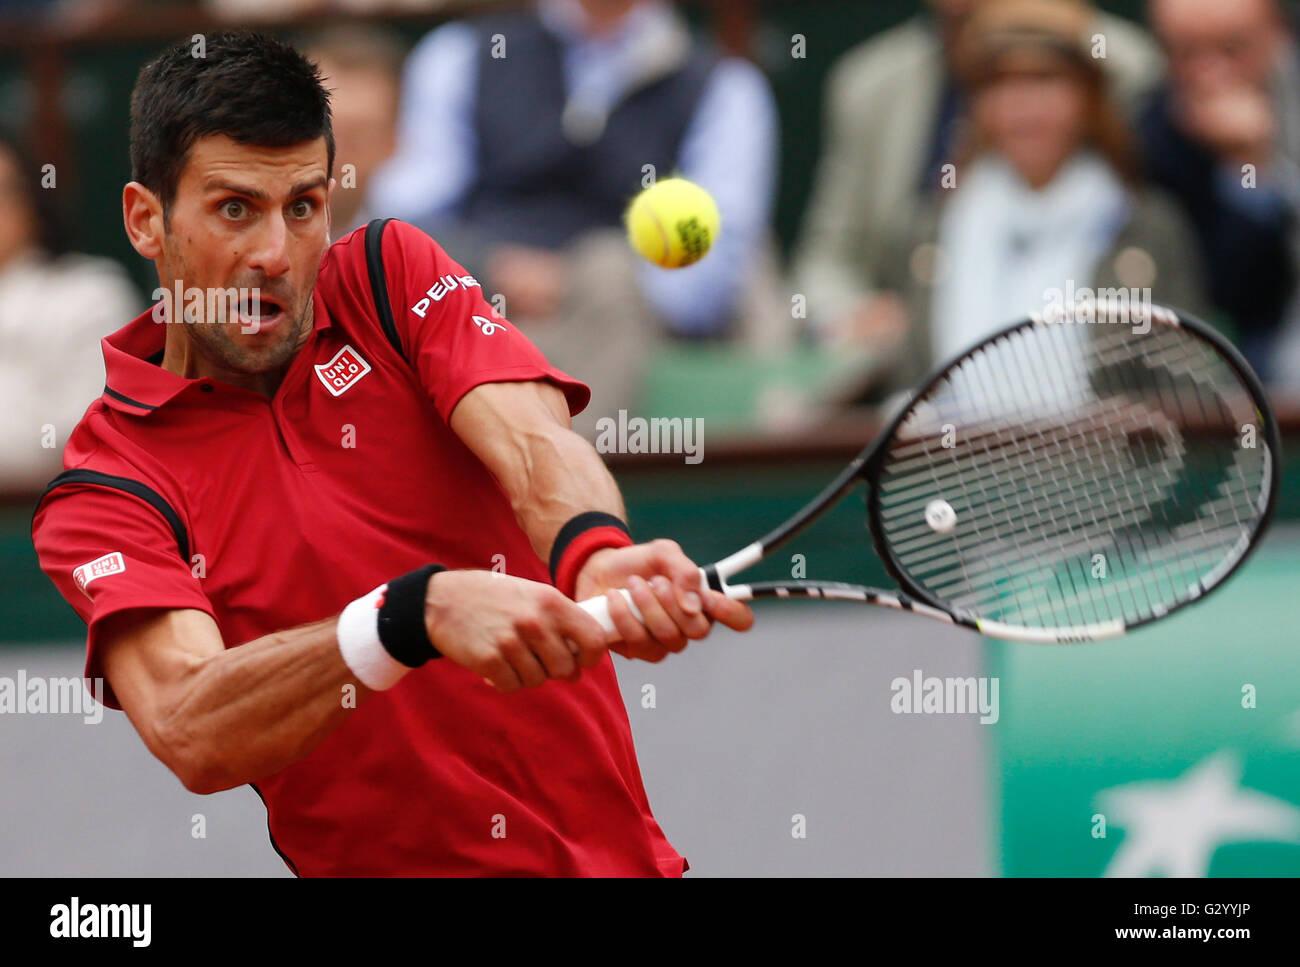 París, Francia. El 5 de junio, 2016. Novak Djokovic de Serbia golpea un retorno a Andy Murray de Gran Bretaña Imagen De Stock